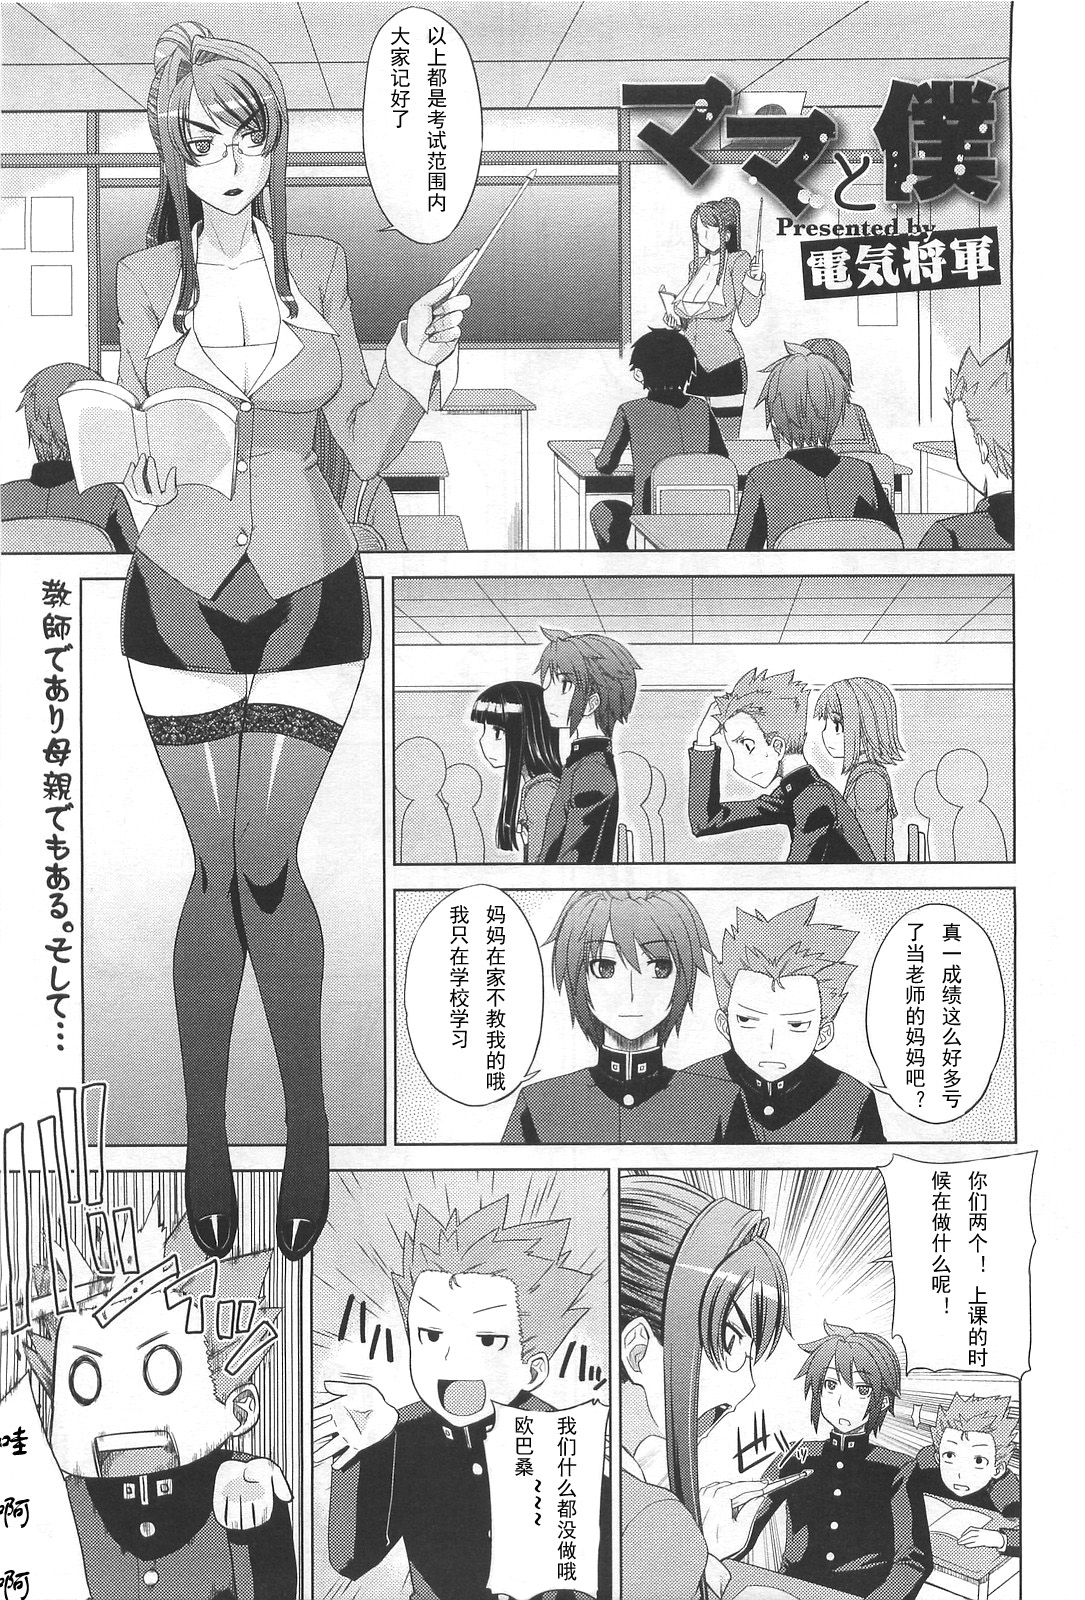 [電気將軍] ママと僕 (コミックメガストア 2010年6月號) - 情色卡漫 -